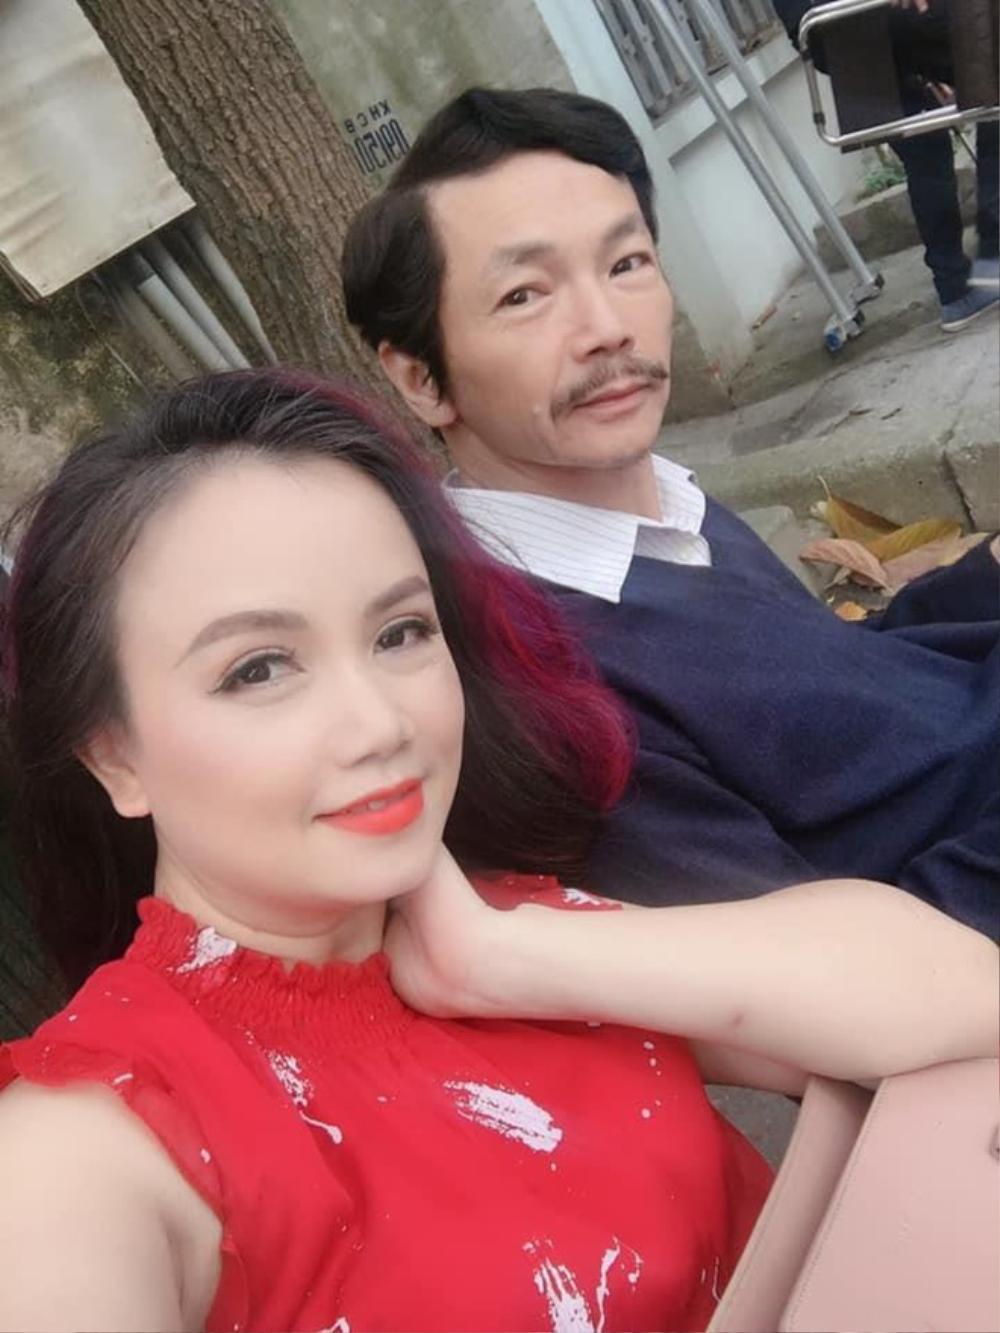 Diễn viên Hoàng Yến ly hôn lần 4: Bị chồng cũ tố ngoại tình cùng trai trẻ Ảnh 5